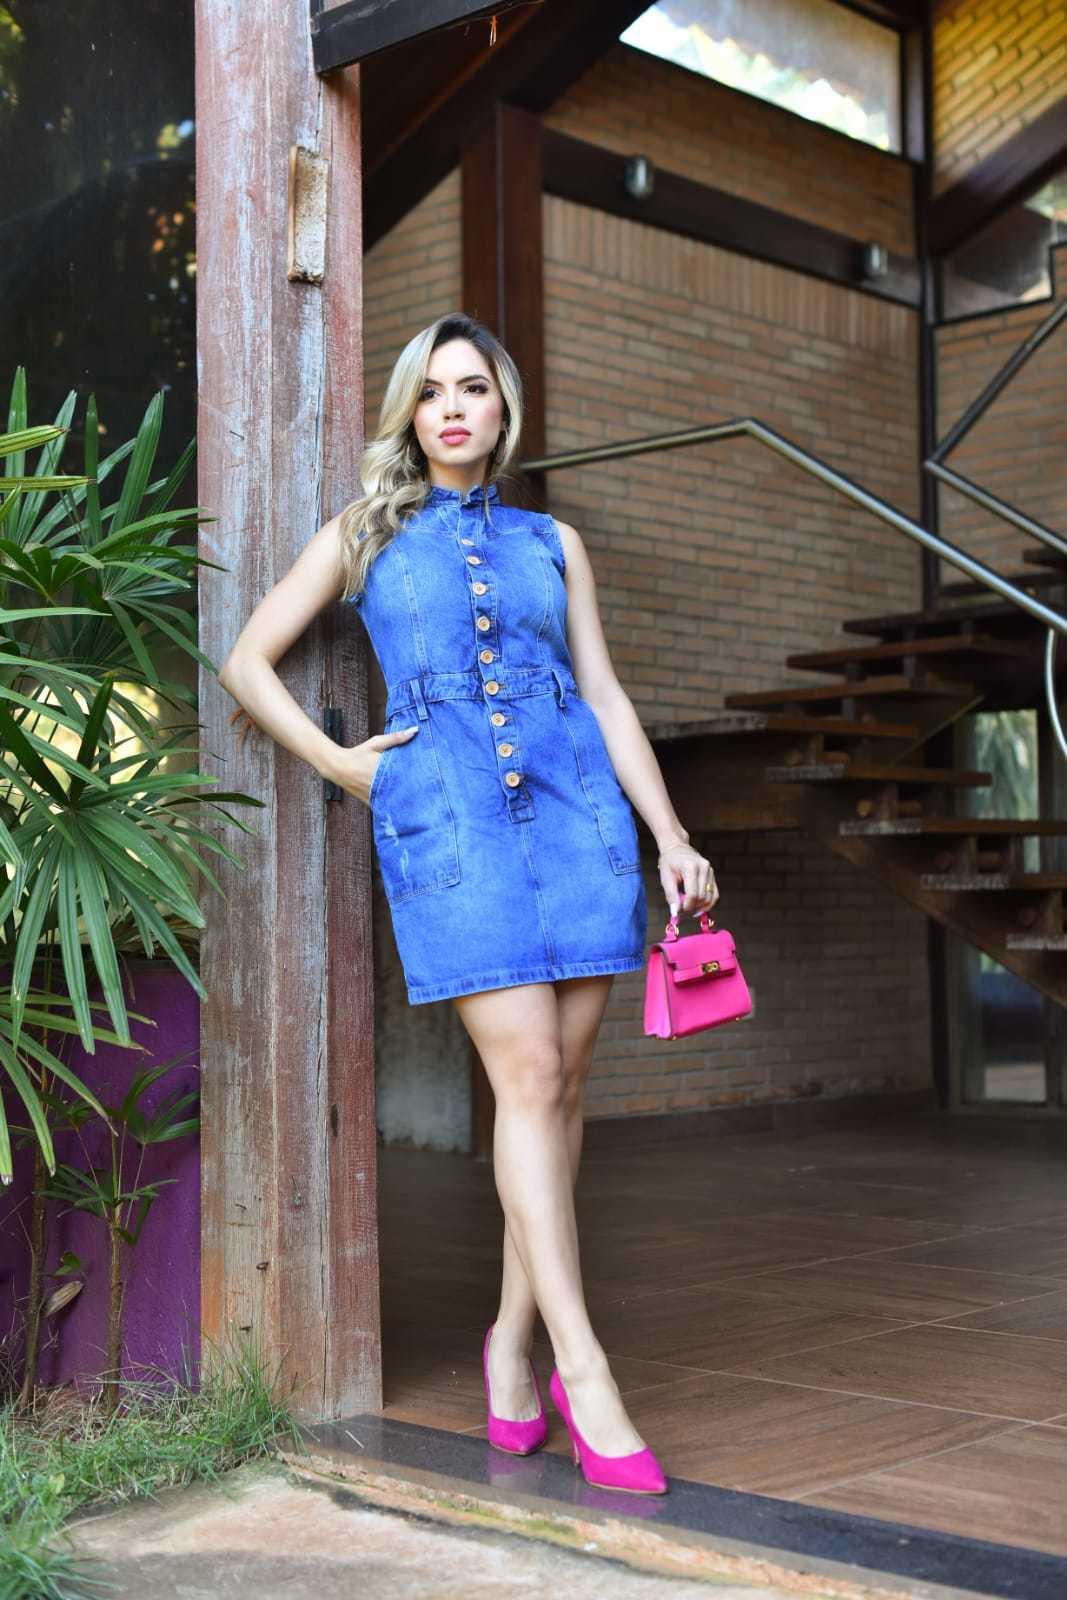 Vestido Jeans Médio Cavado com Bolsos Laterais Omni Vinci